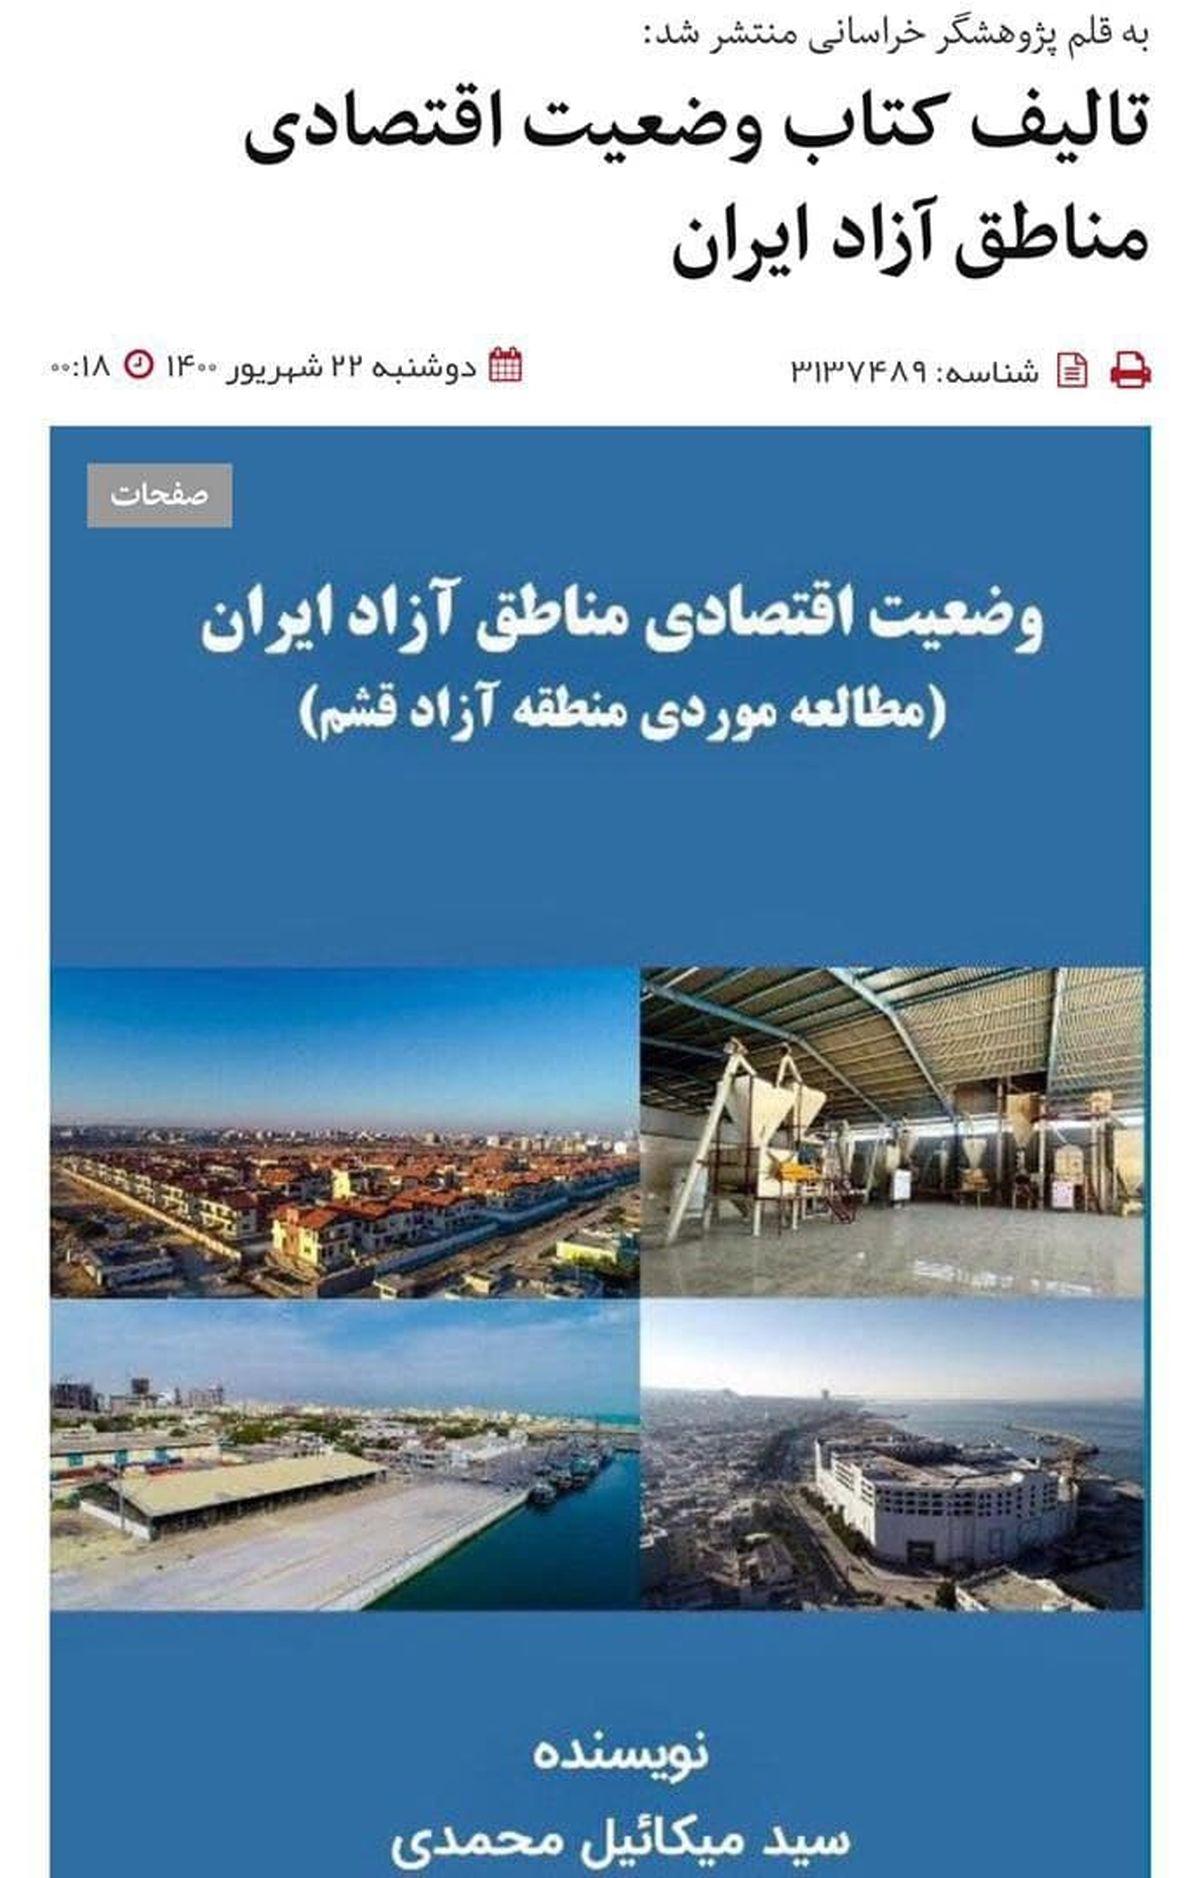 تالیف کتاب وضعیت اقتصادى مناطق آزاد ایران